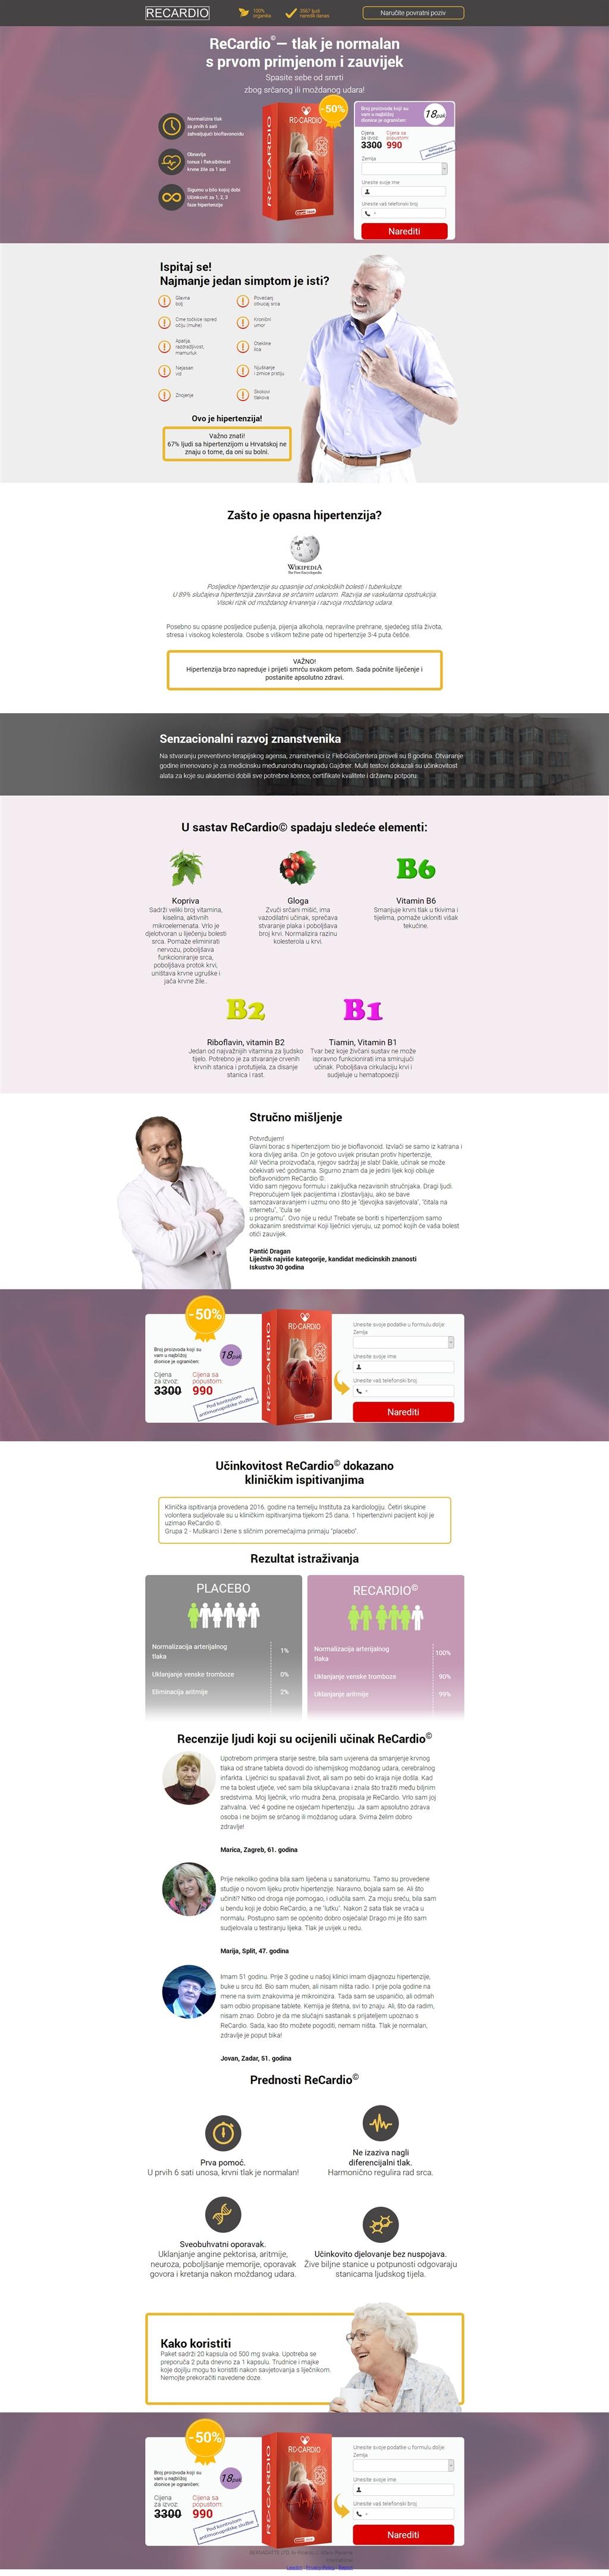 Povišene crvene krvne stanice u mokraći: uzroci i liječenje